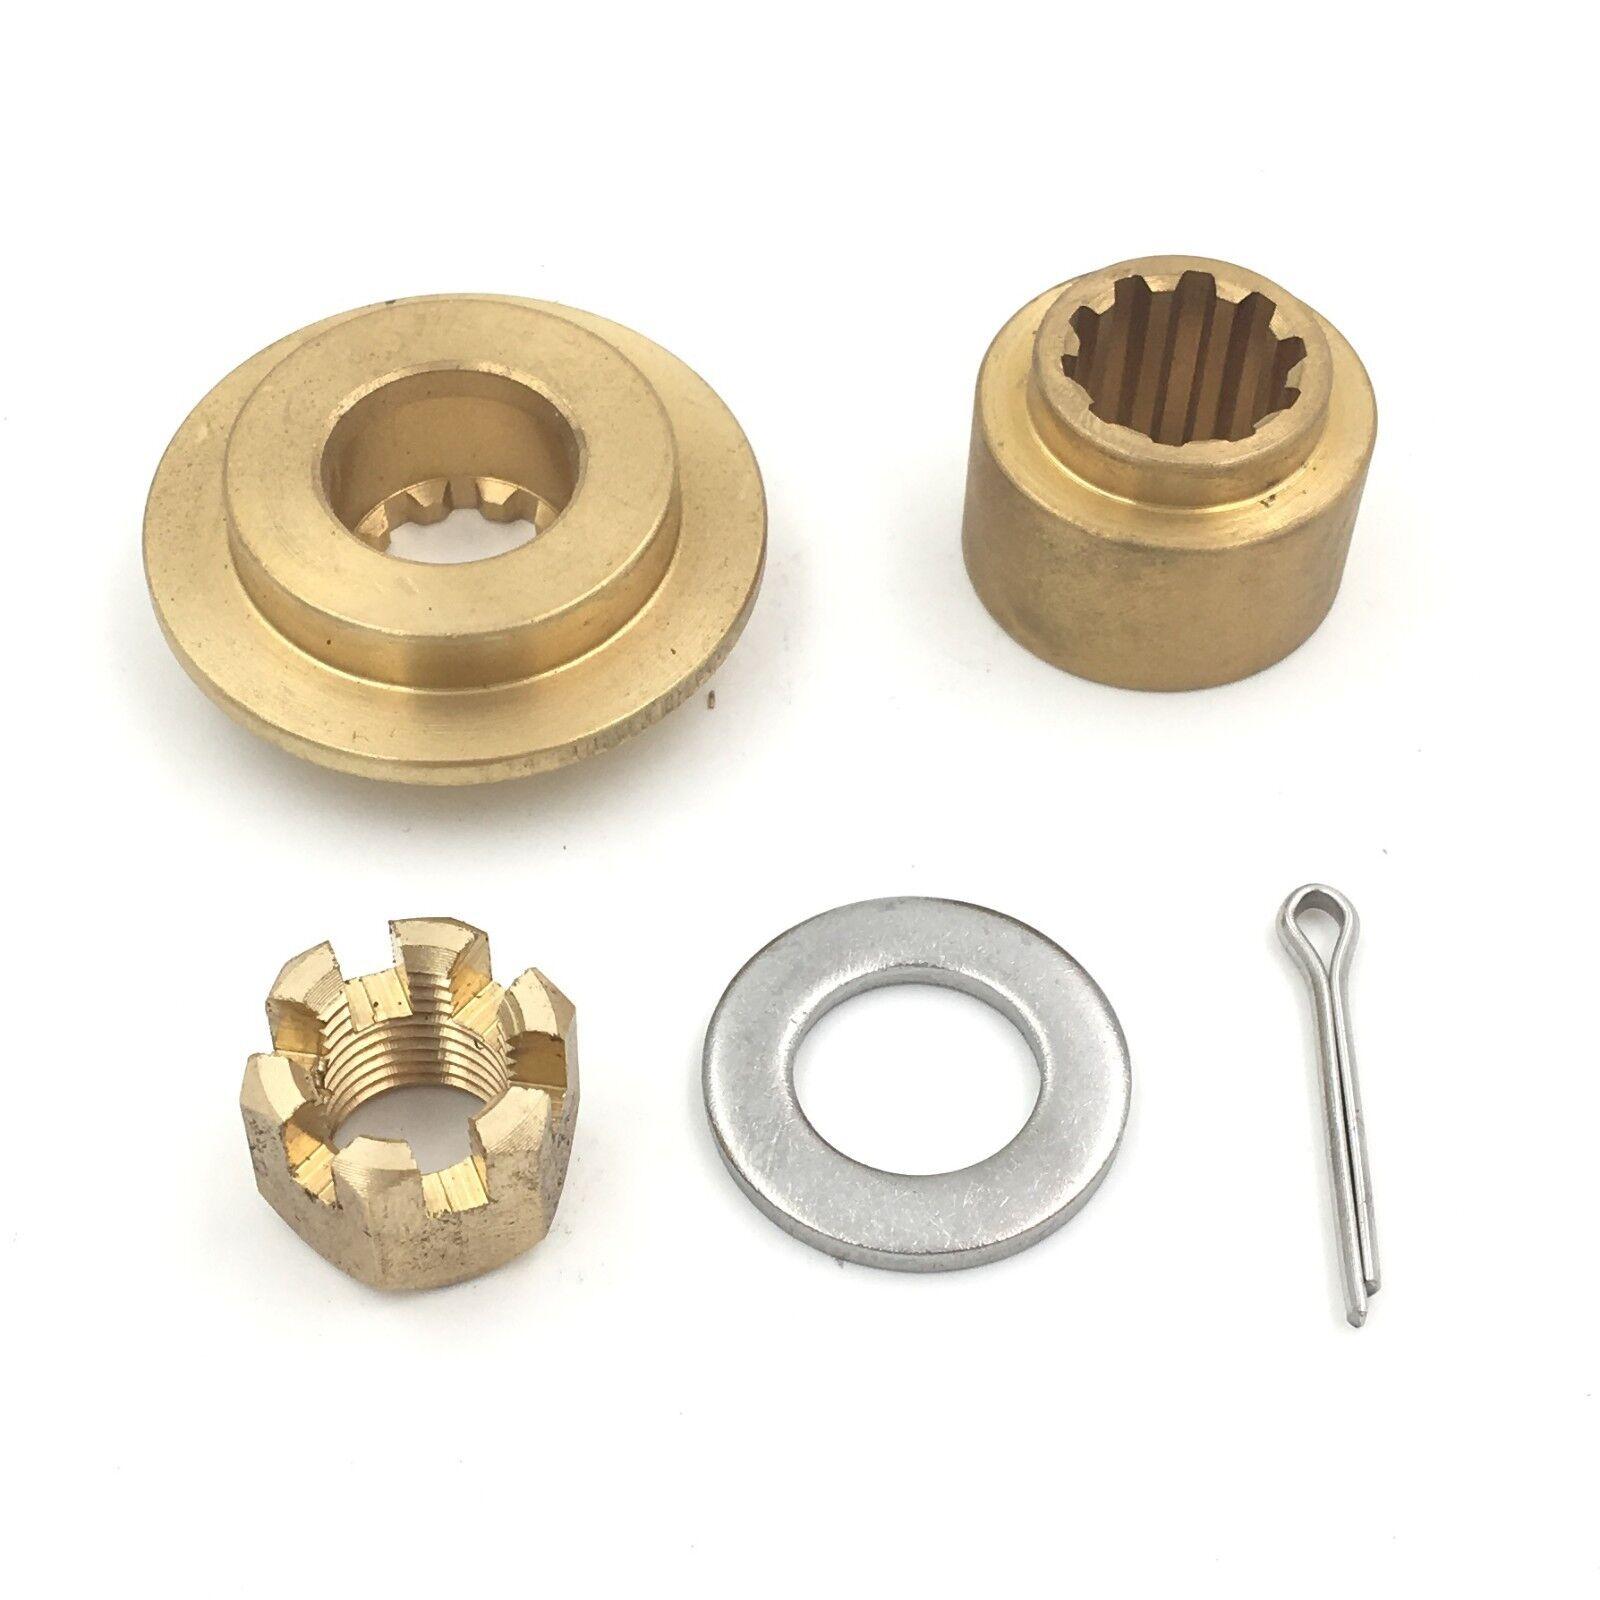 Propeller Hardware Kits Thrust Washer/Spacer/Nut for SUZUKI 20-30HP